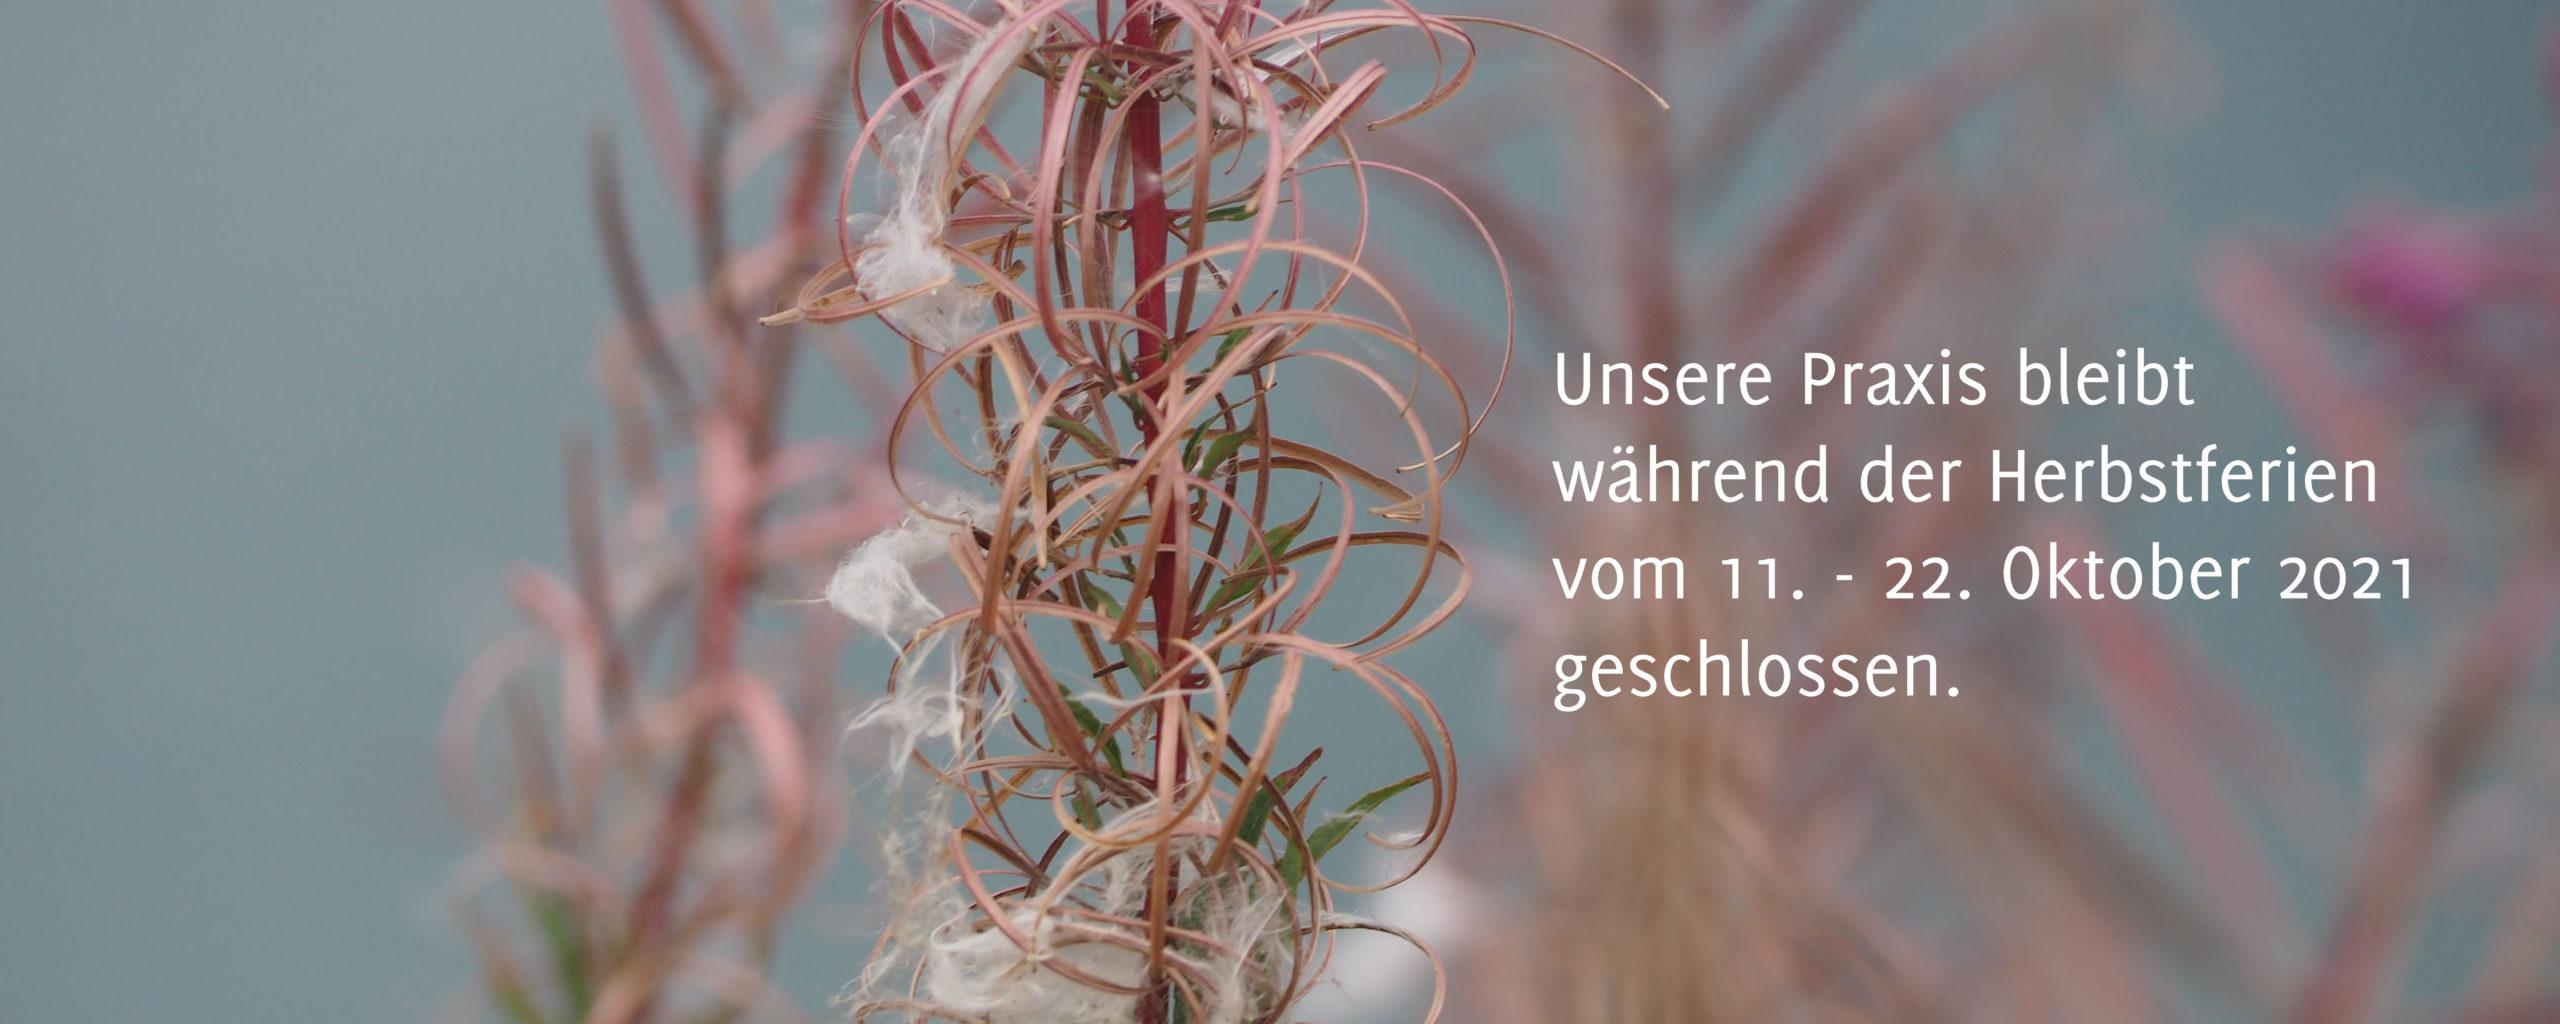 <a href='https://www.hautaerztinnen-leverkusen.de/starter-praxis/'></a>